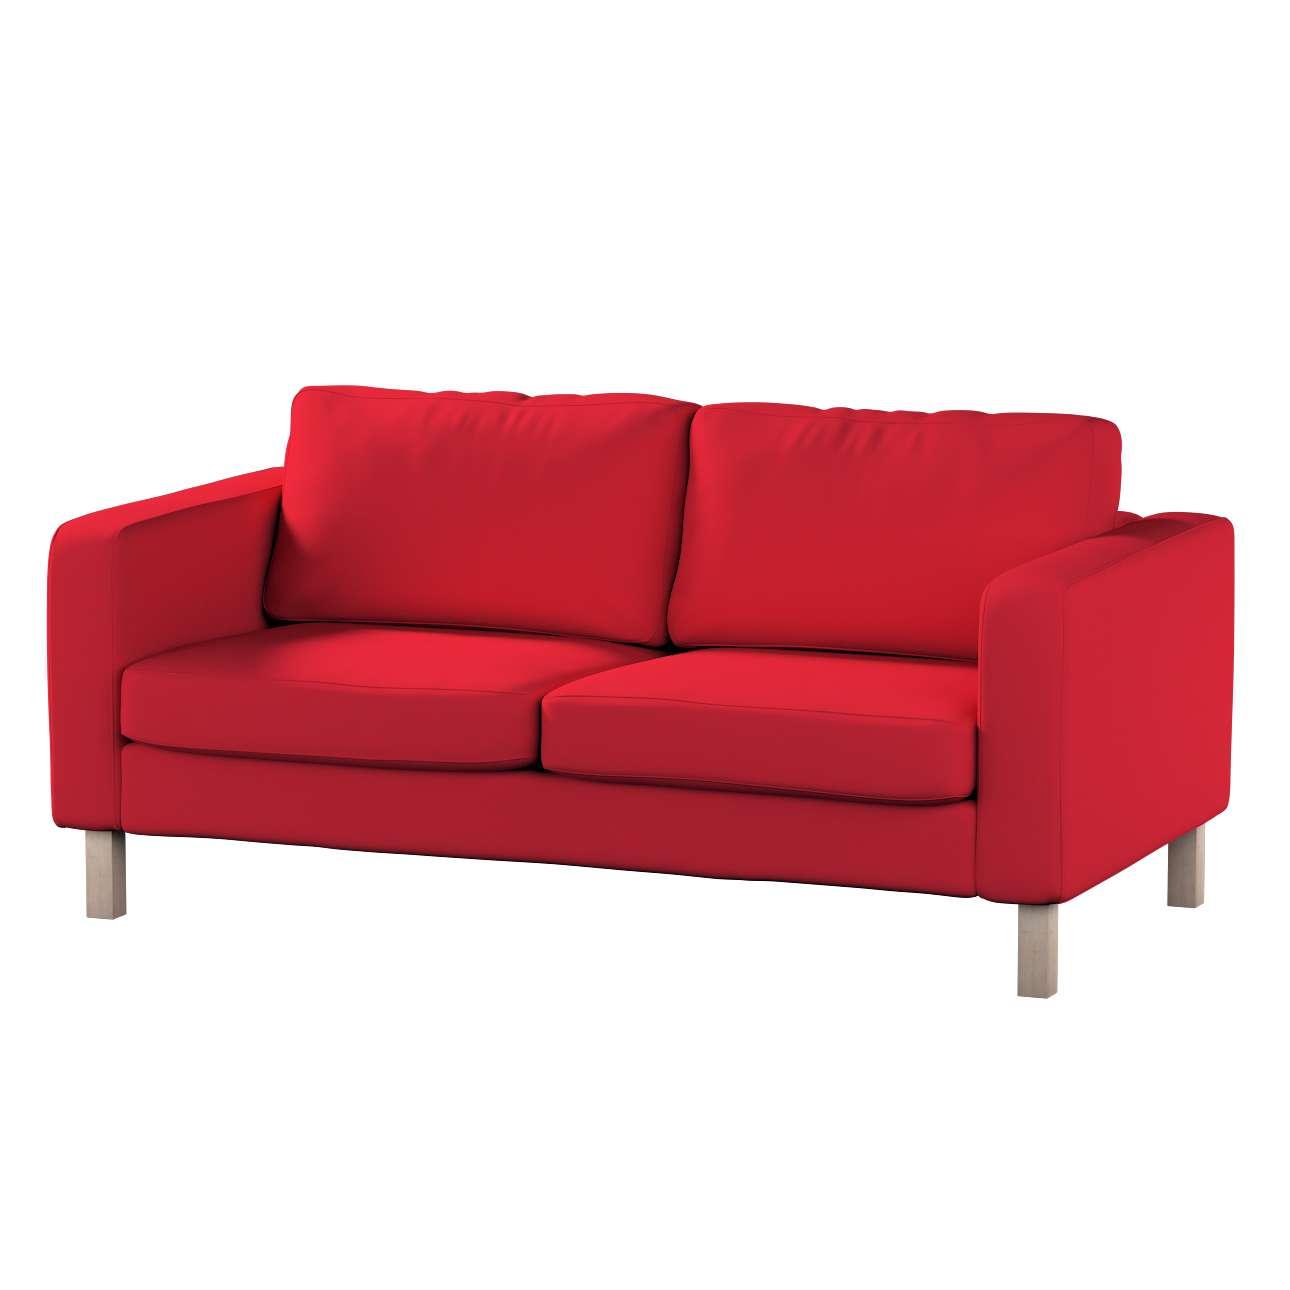 Karlstad 2-Sitzer Sofabezug nicht ausklappbar von der Kollektion Cotton Panama, Stoff: 702-04